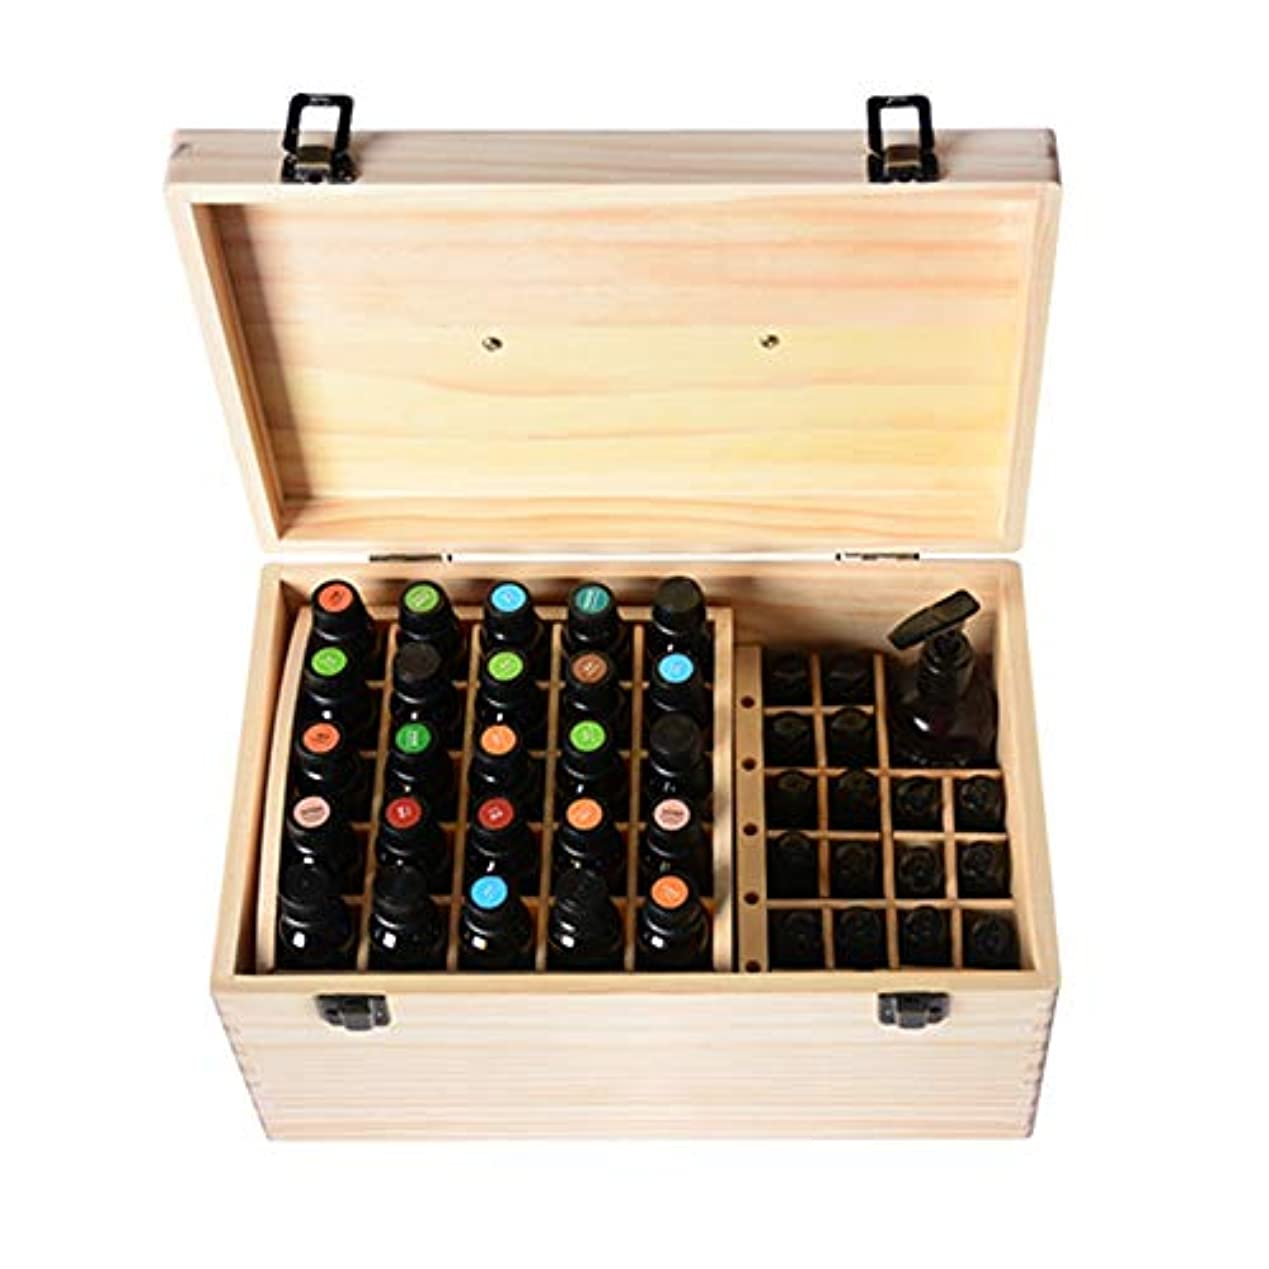 詐欺師避けるサーバ74スロット木エッセンシャルオイルボックス収納ケース内部のリムーバブルは15/10 M1のボトルナチュラルパインを開催します アロマセラピー製品 (色 : Natural, サイズ : 35X20X16.5CM)